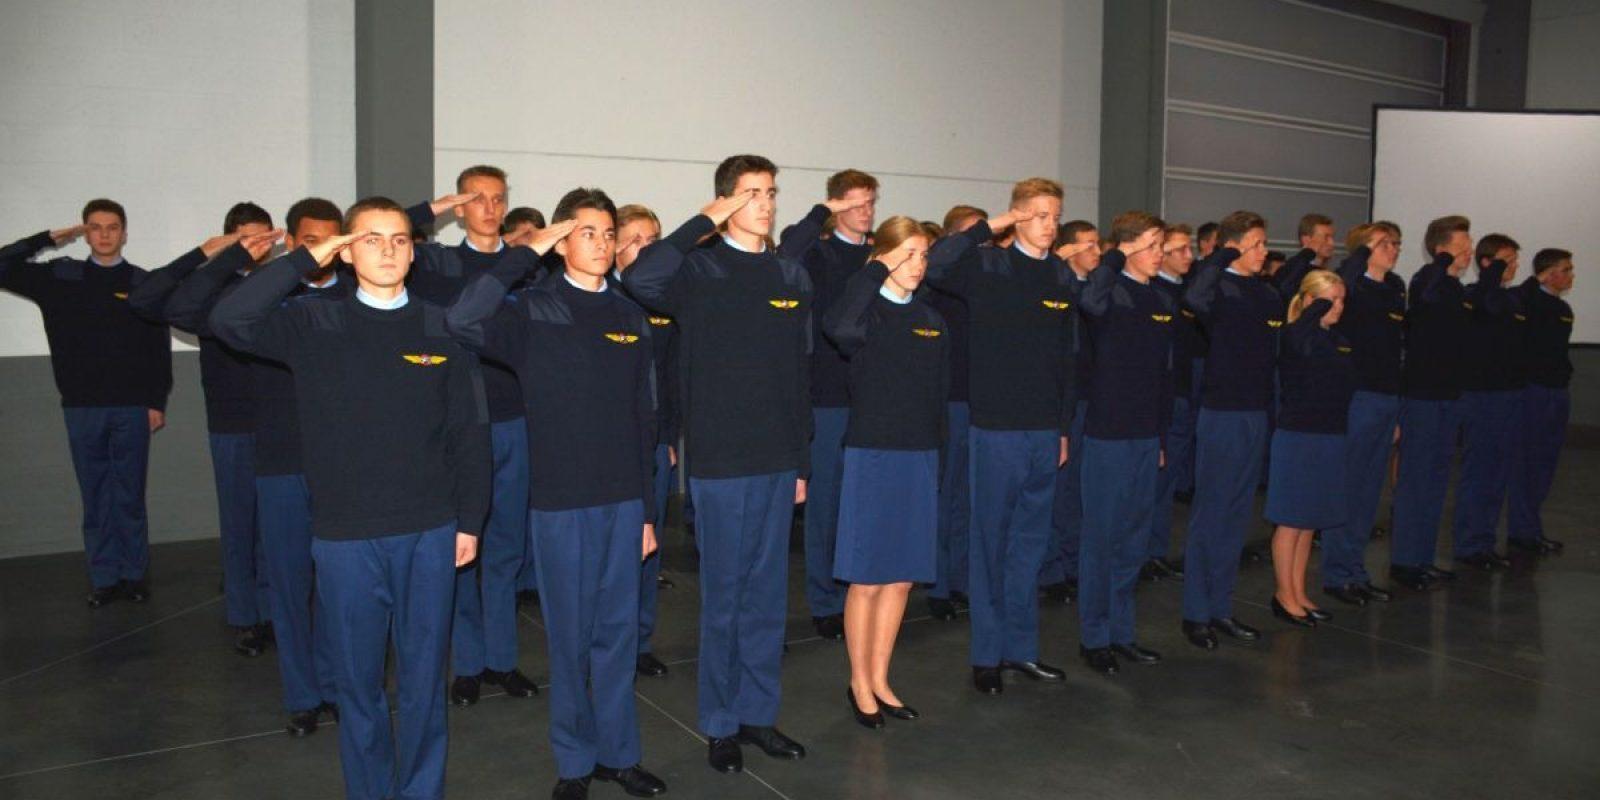 Les 49 cadets de la session 2019 saluent avec fierté au terme de la cérémonie.